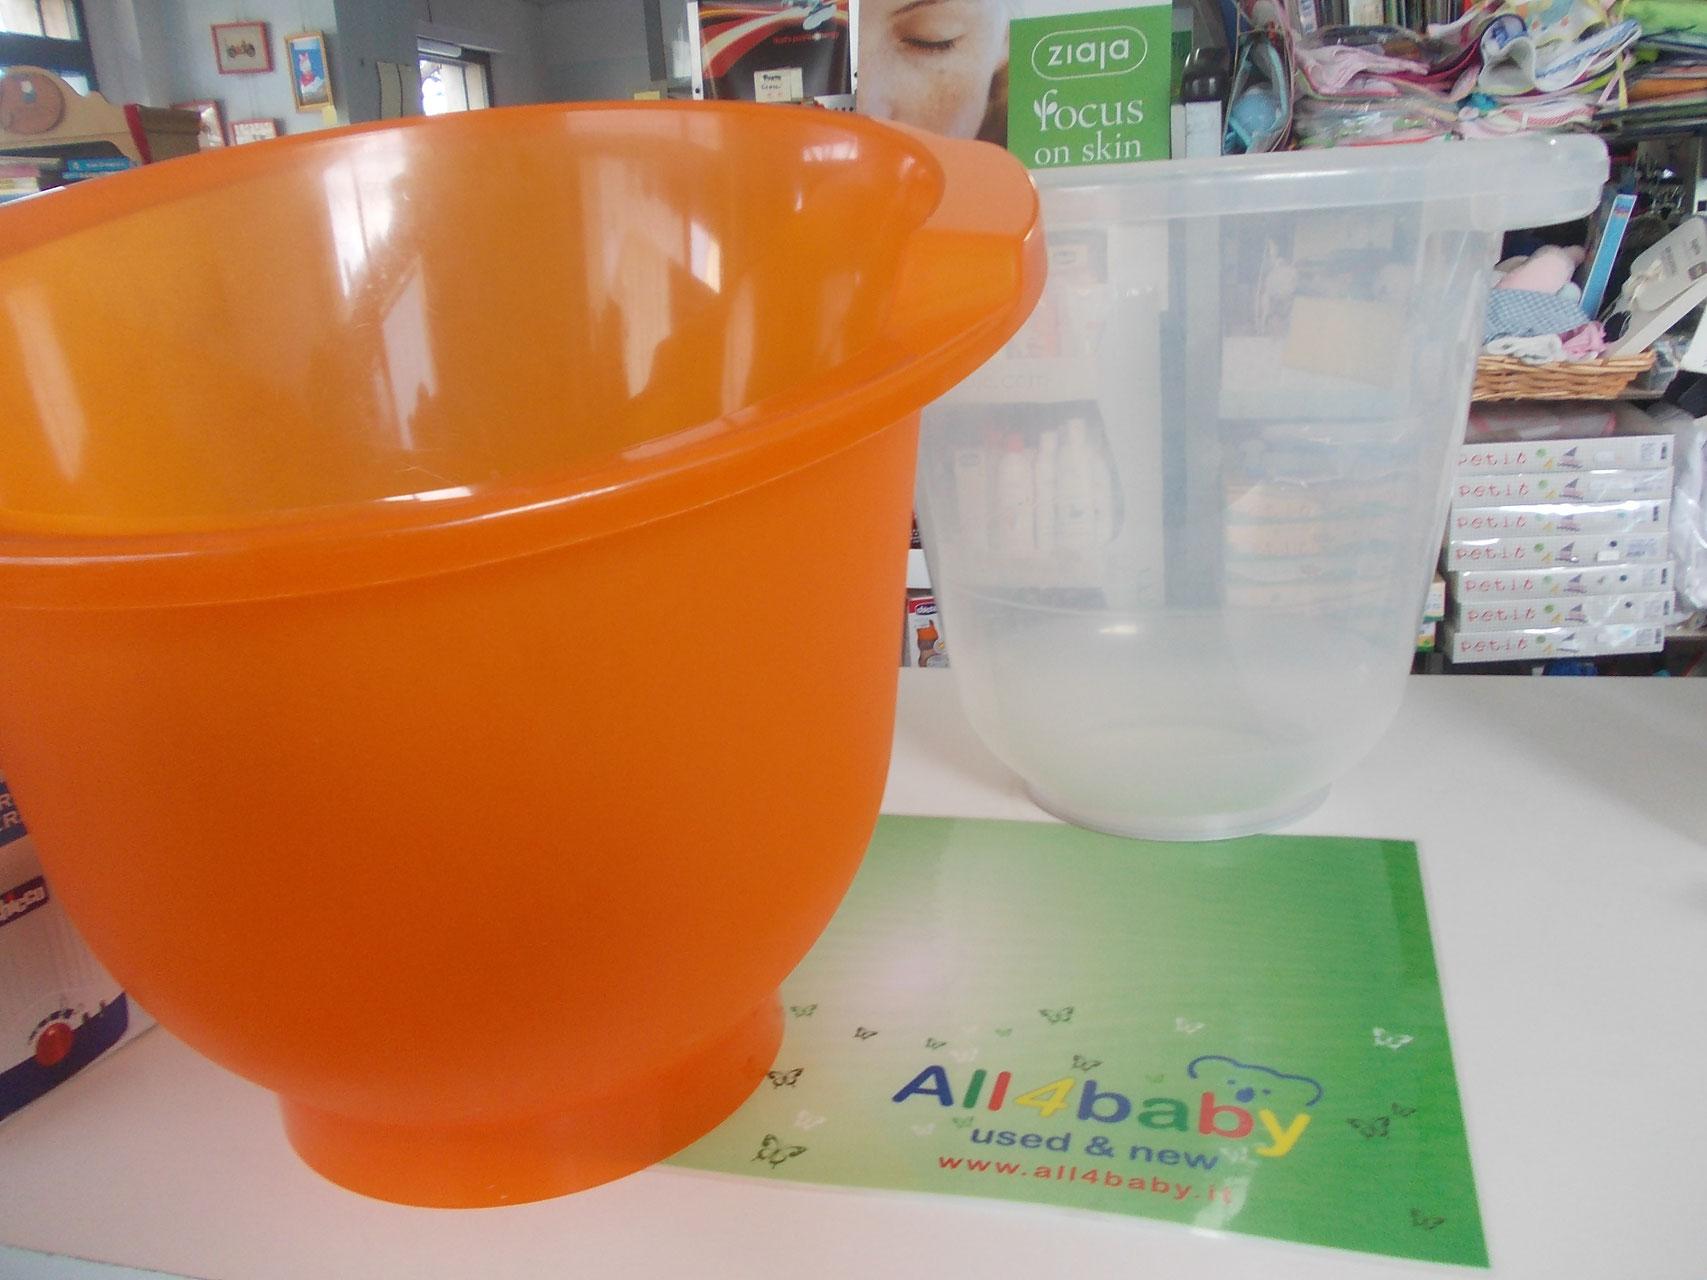 Vasca Da Bagno Hoppop : Vaschette bagno all baby